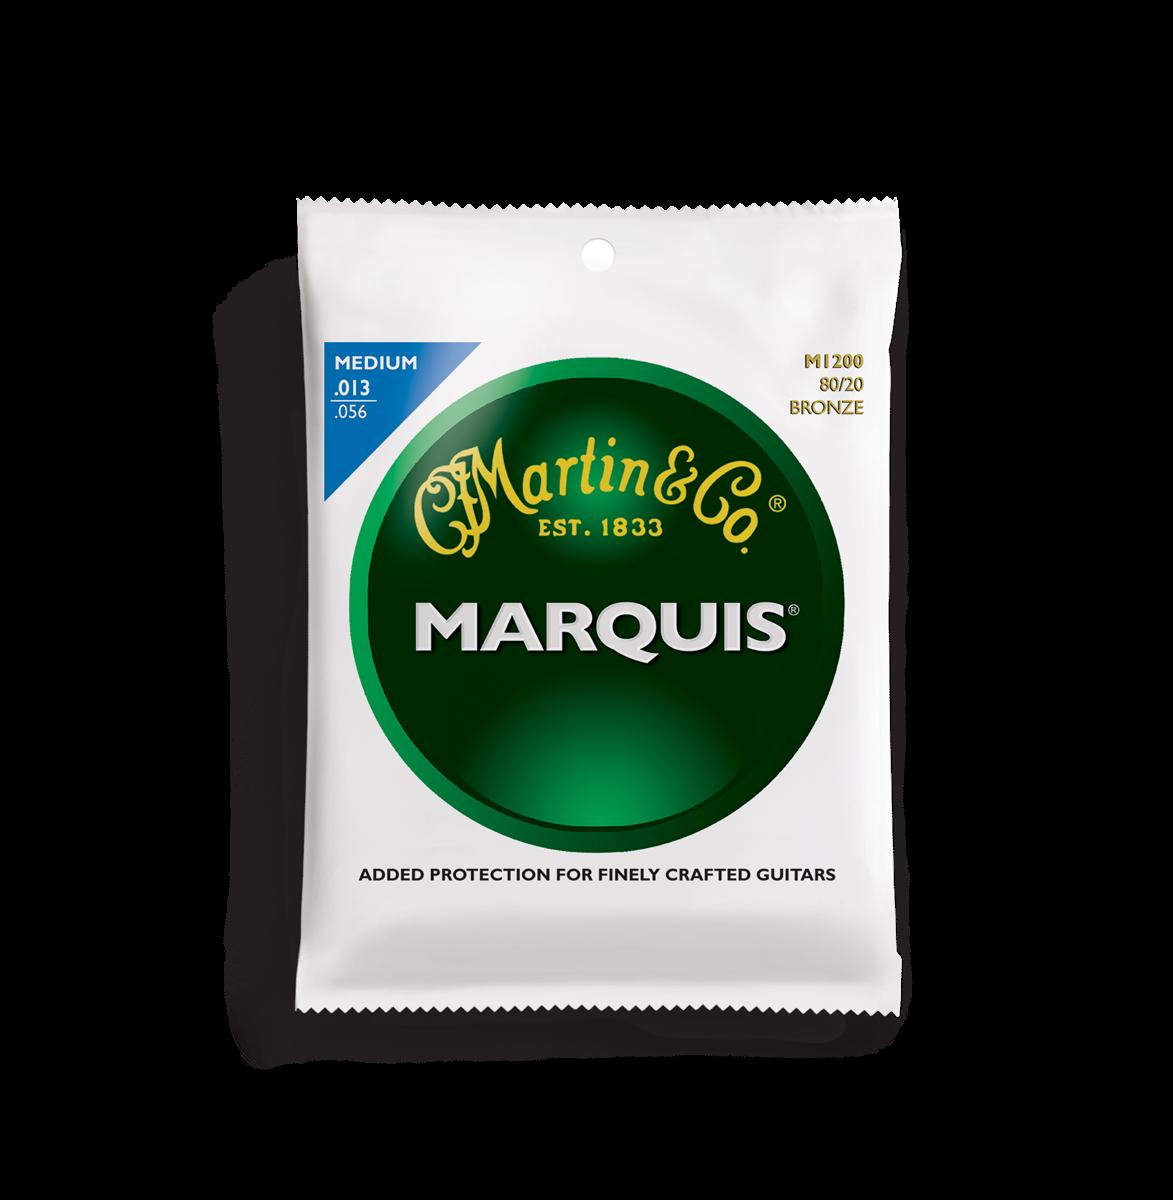 Martin Marquis 80/20 Bronze M1200 Acoustic Guitar Strings, Medium, 13-56